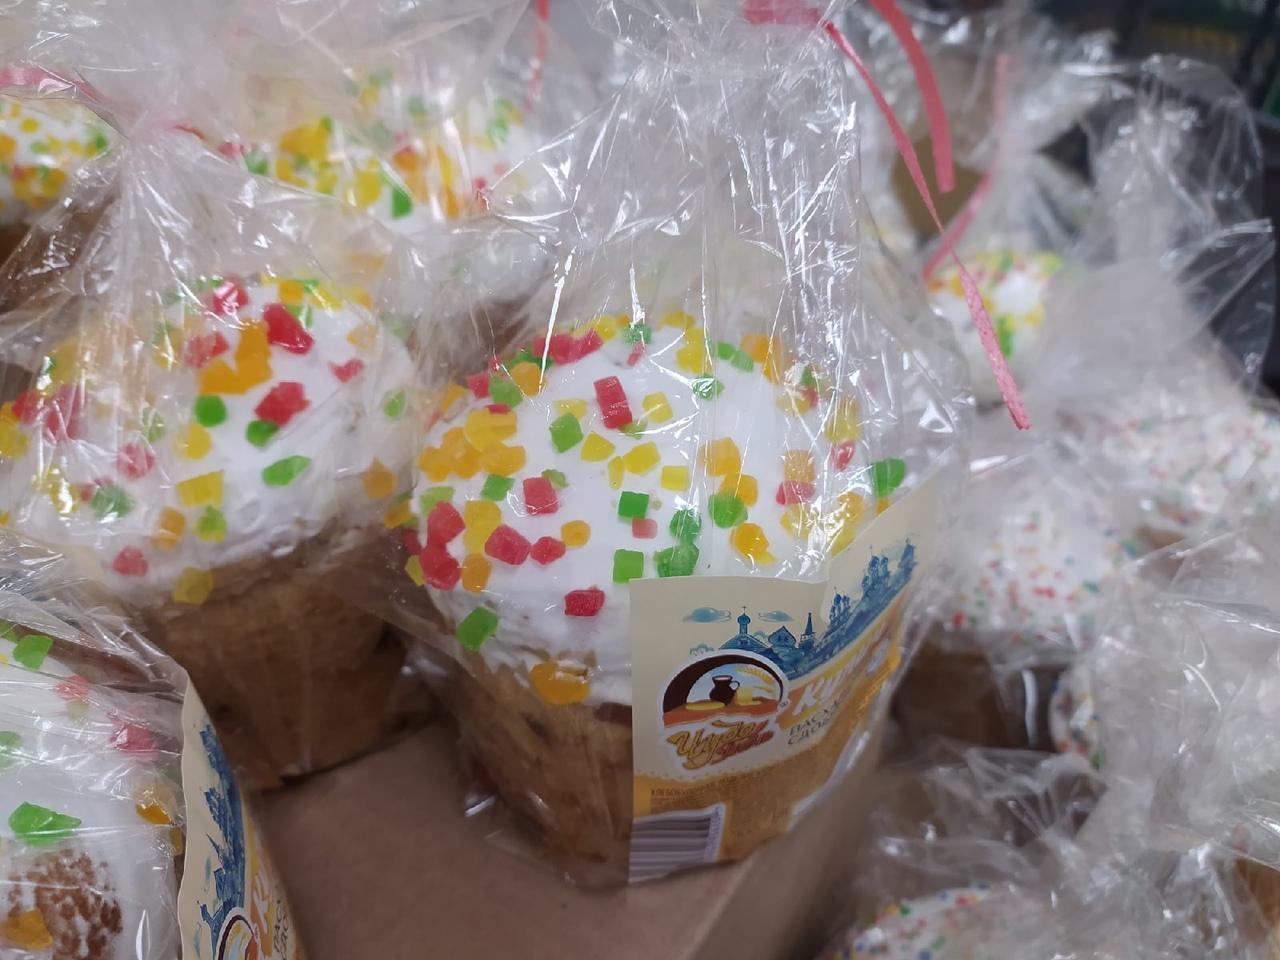 фото Куличи и красители для яиц к Пасхе: обзор цен на праздничные товары в Новосибирске 4